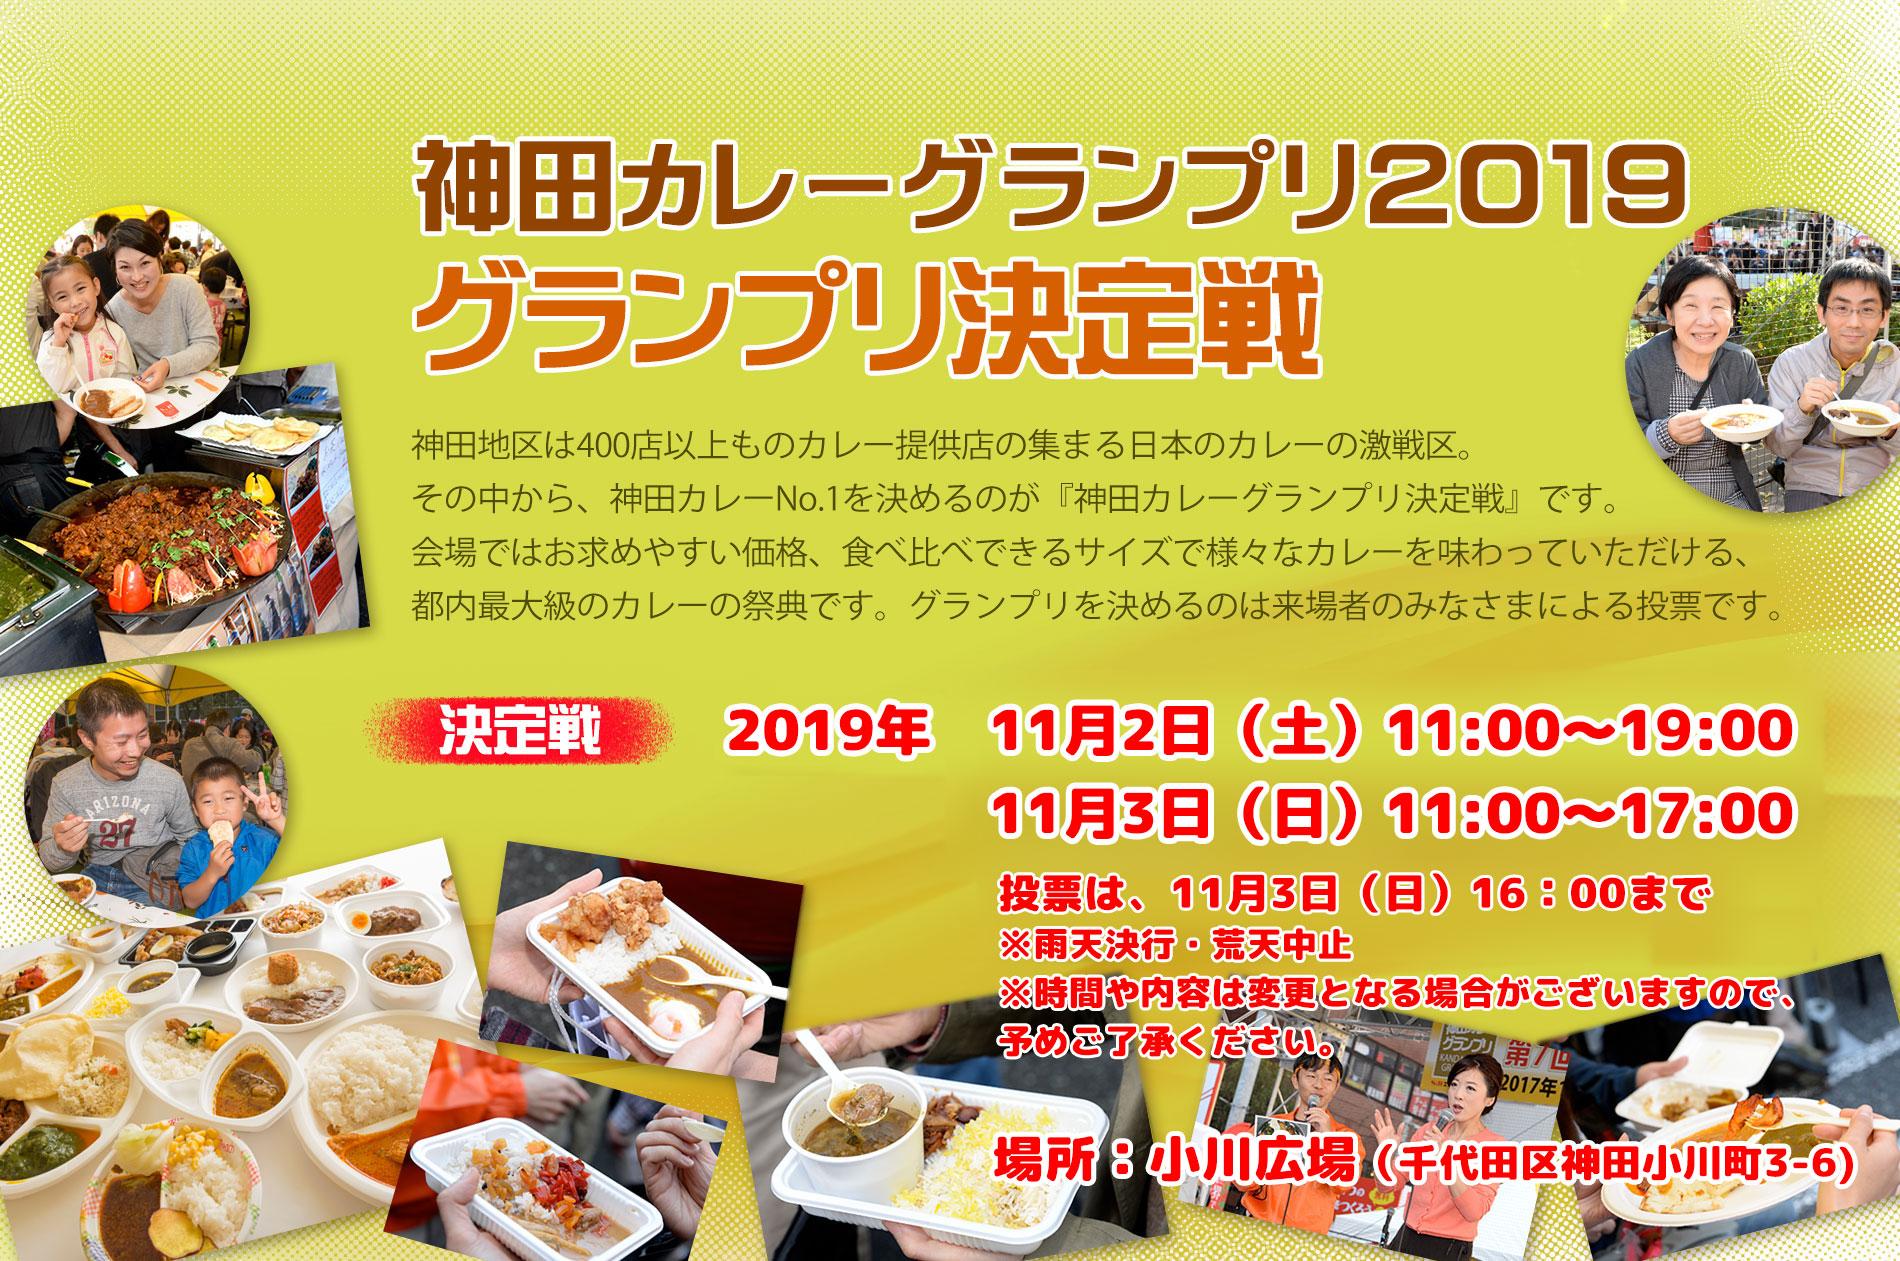 神田カレーグランプリ2019決定戦 の告知ページです。